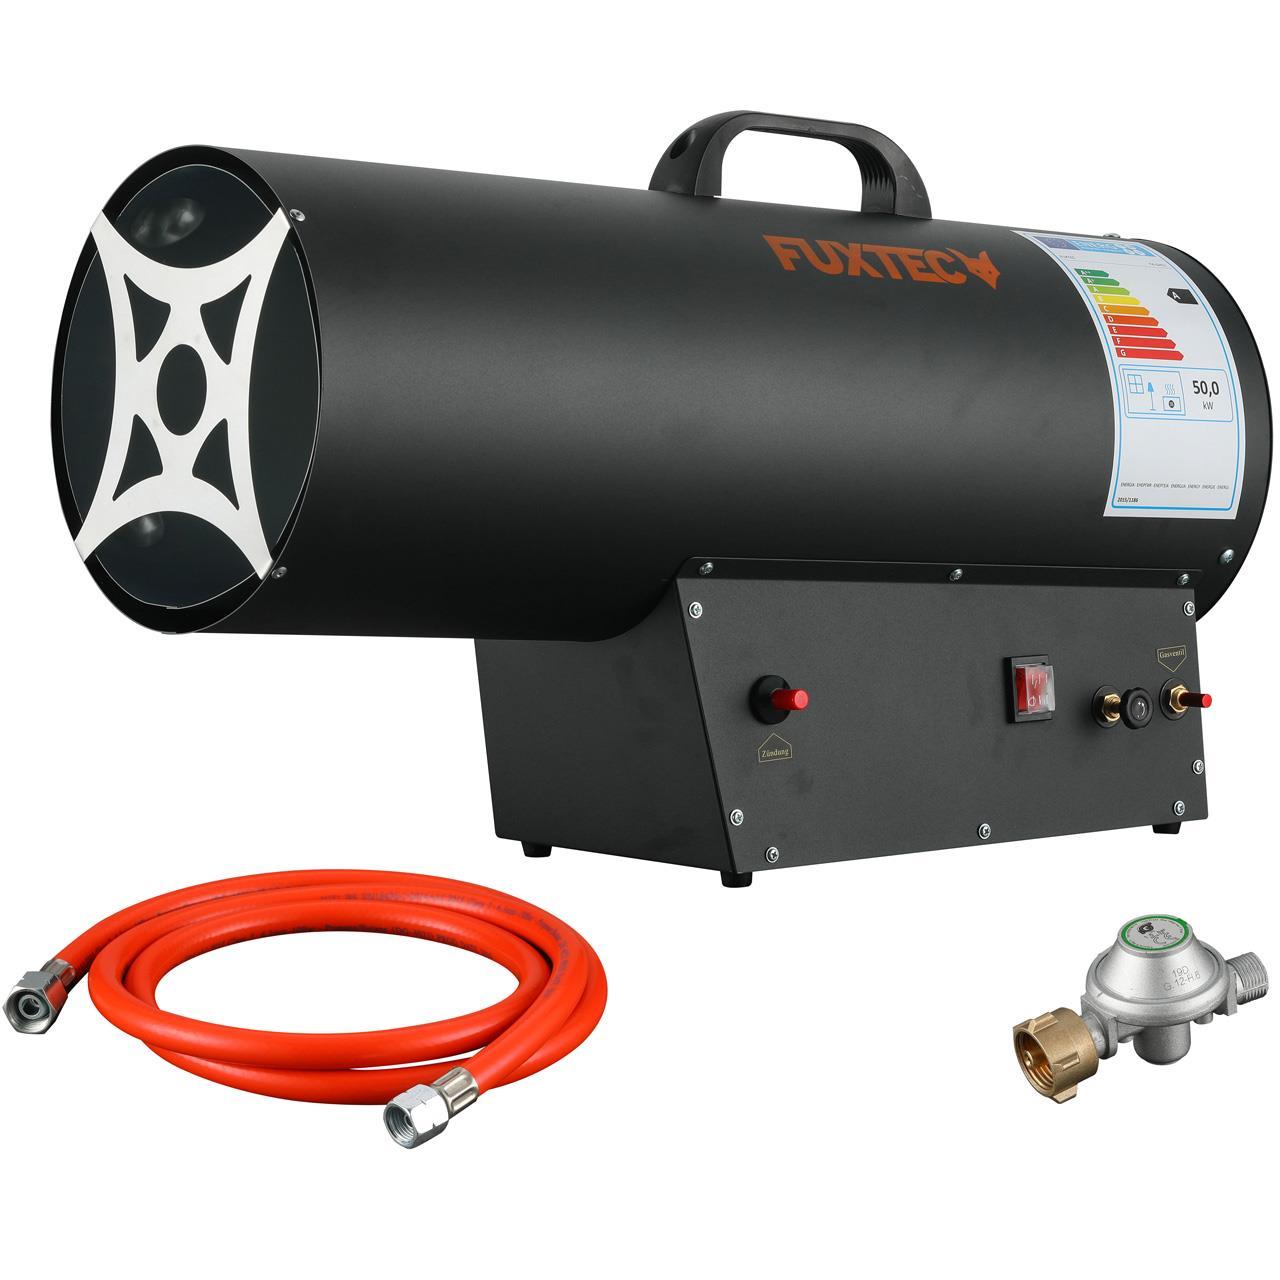 B-Ware FUXTEC Gasheizer GH51 mit 50kW Heizleistung